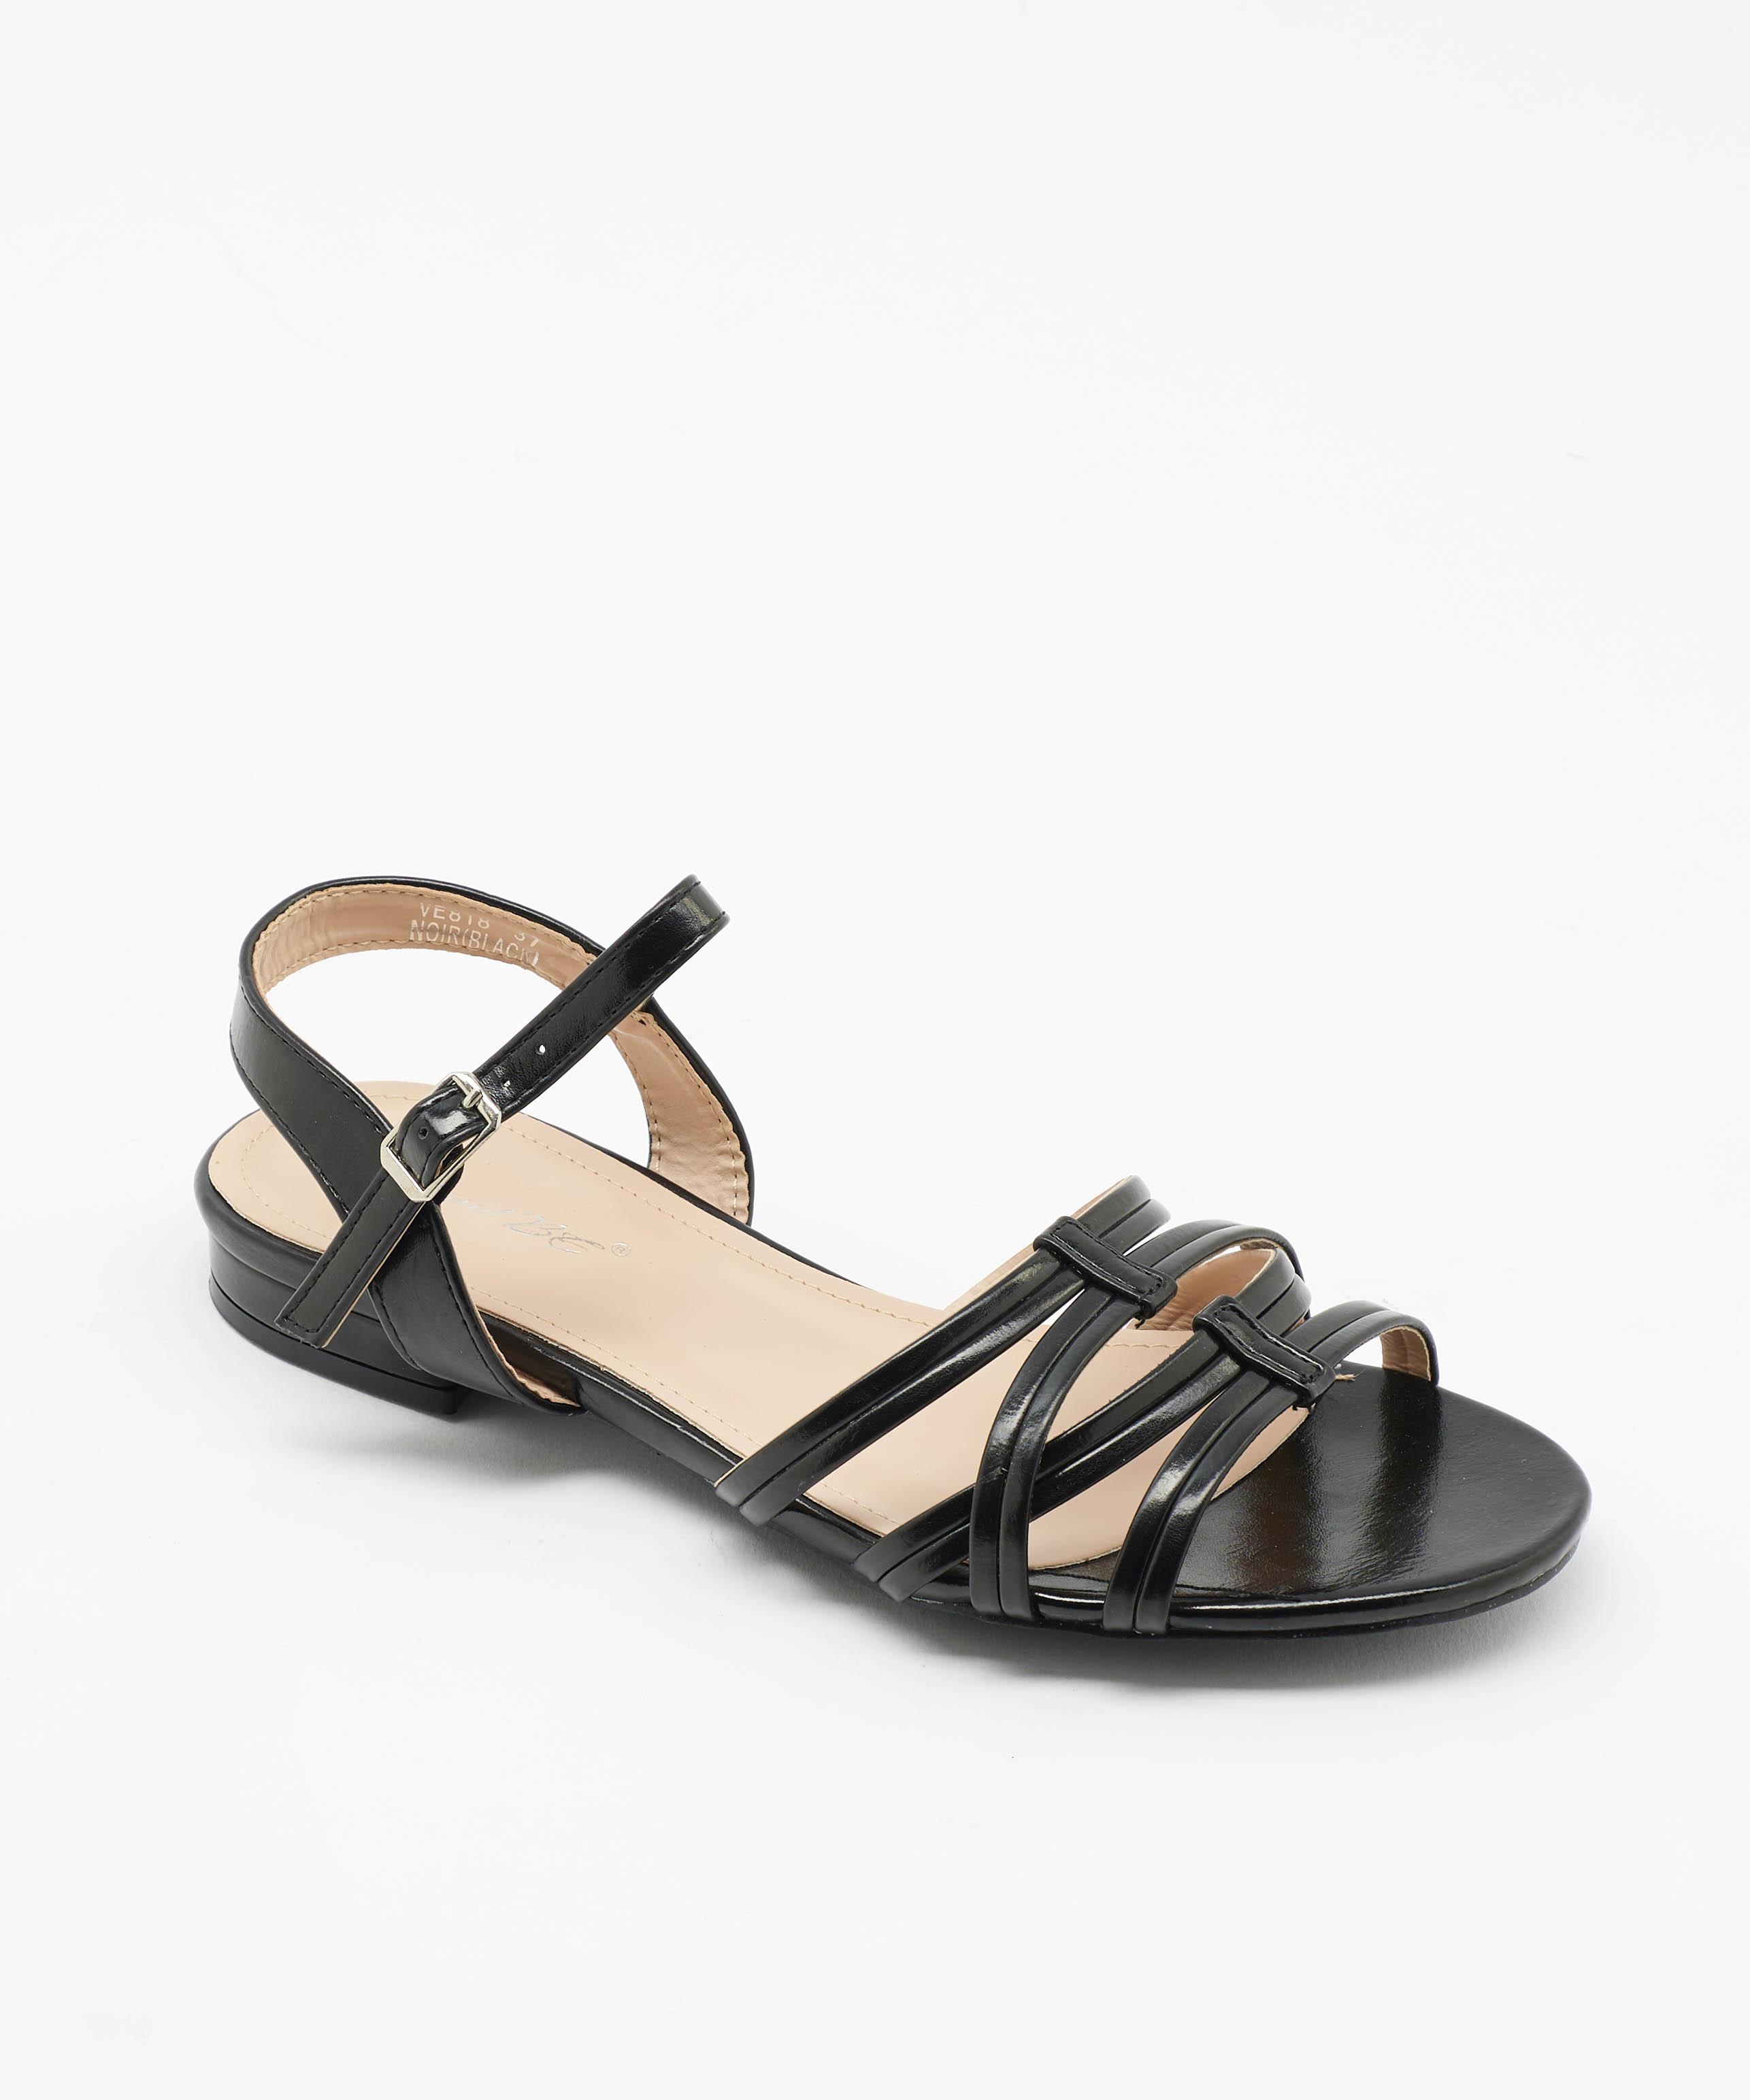 Sandales Plates Femme - Sandale Plate Noir Jina - Ve818